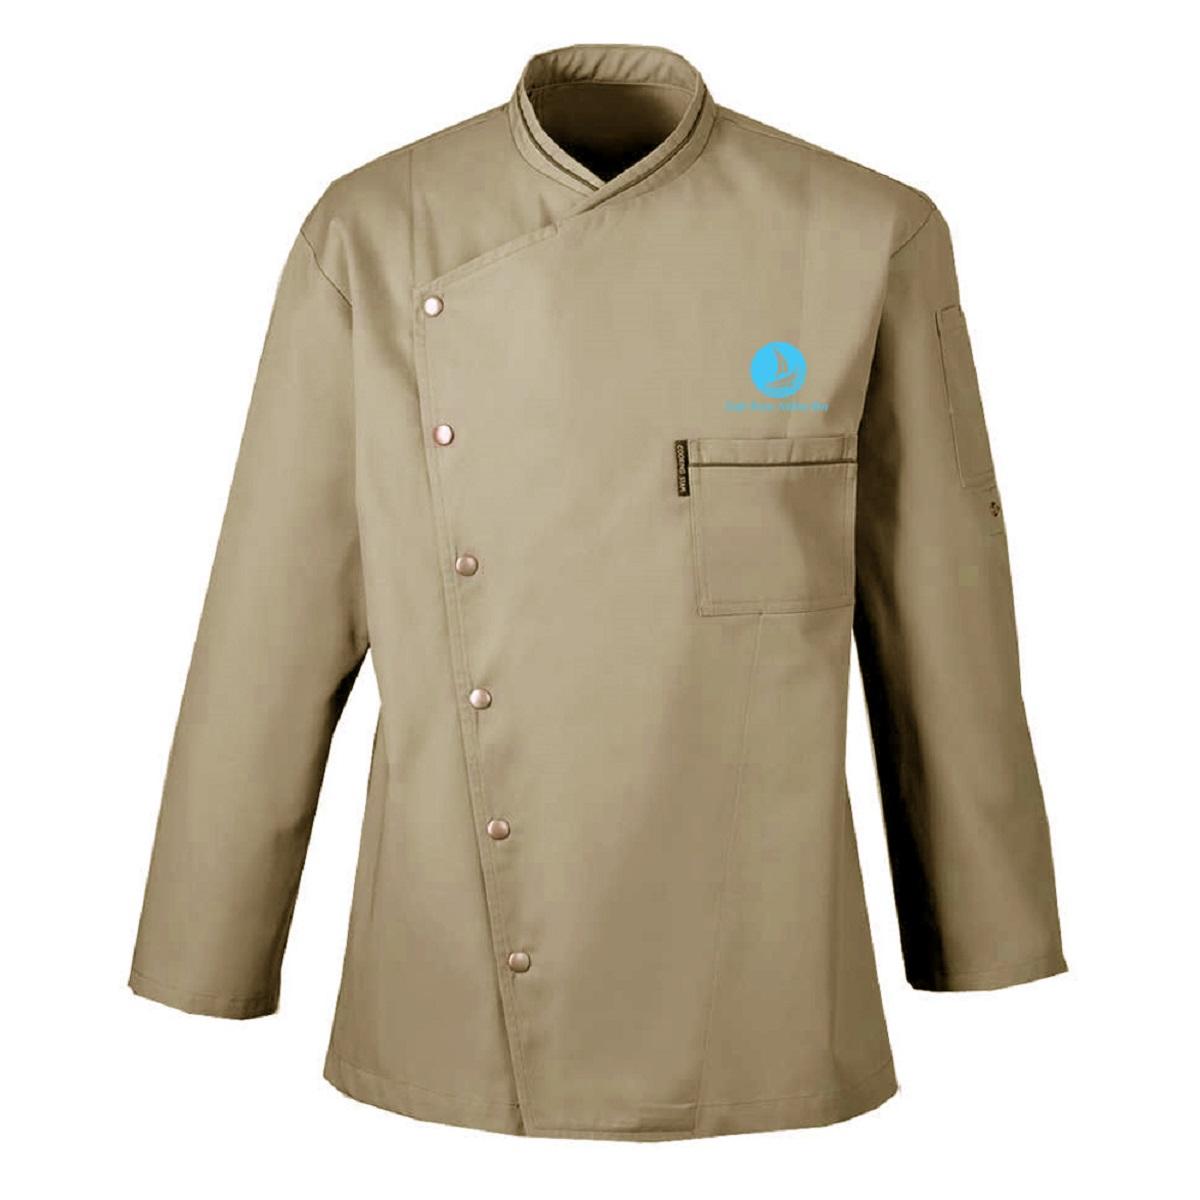 Khác với mẫu truyền thống là thay vì chiếc áo có vạt thẳng thì mẫu đồng phục này vạt áo và cổ áo được may xéo cách điệu. Điều này tạo nên sự sang trọng với đầu bếp chuyên nghiệp